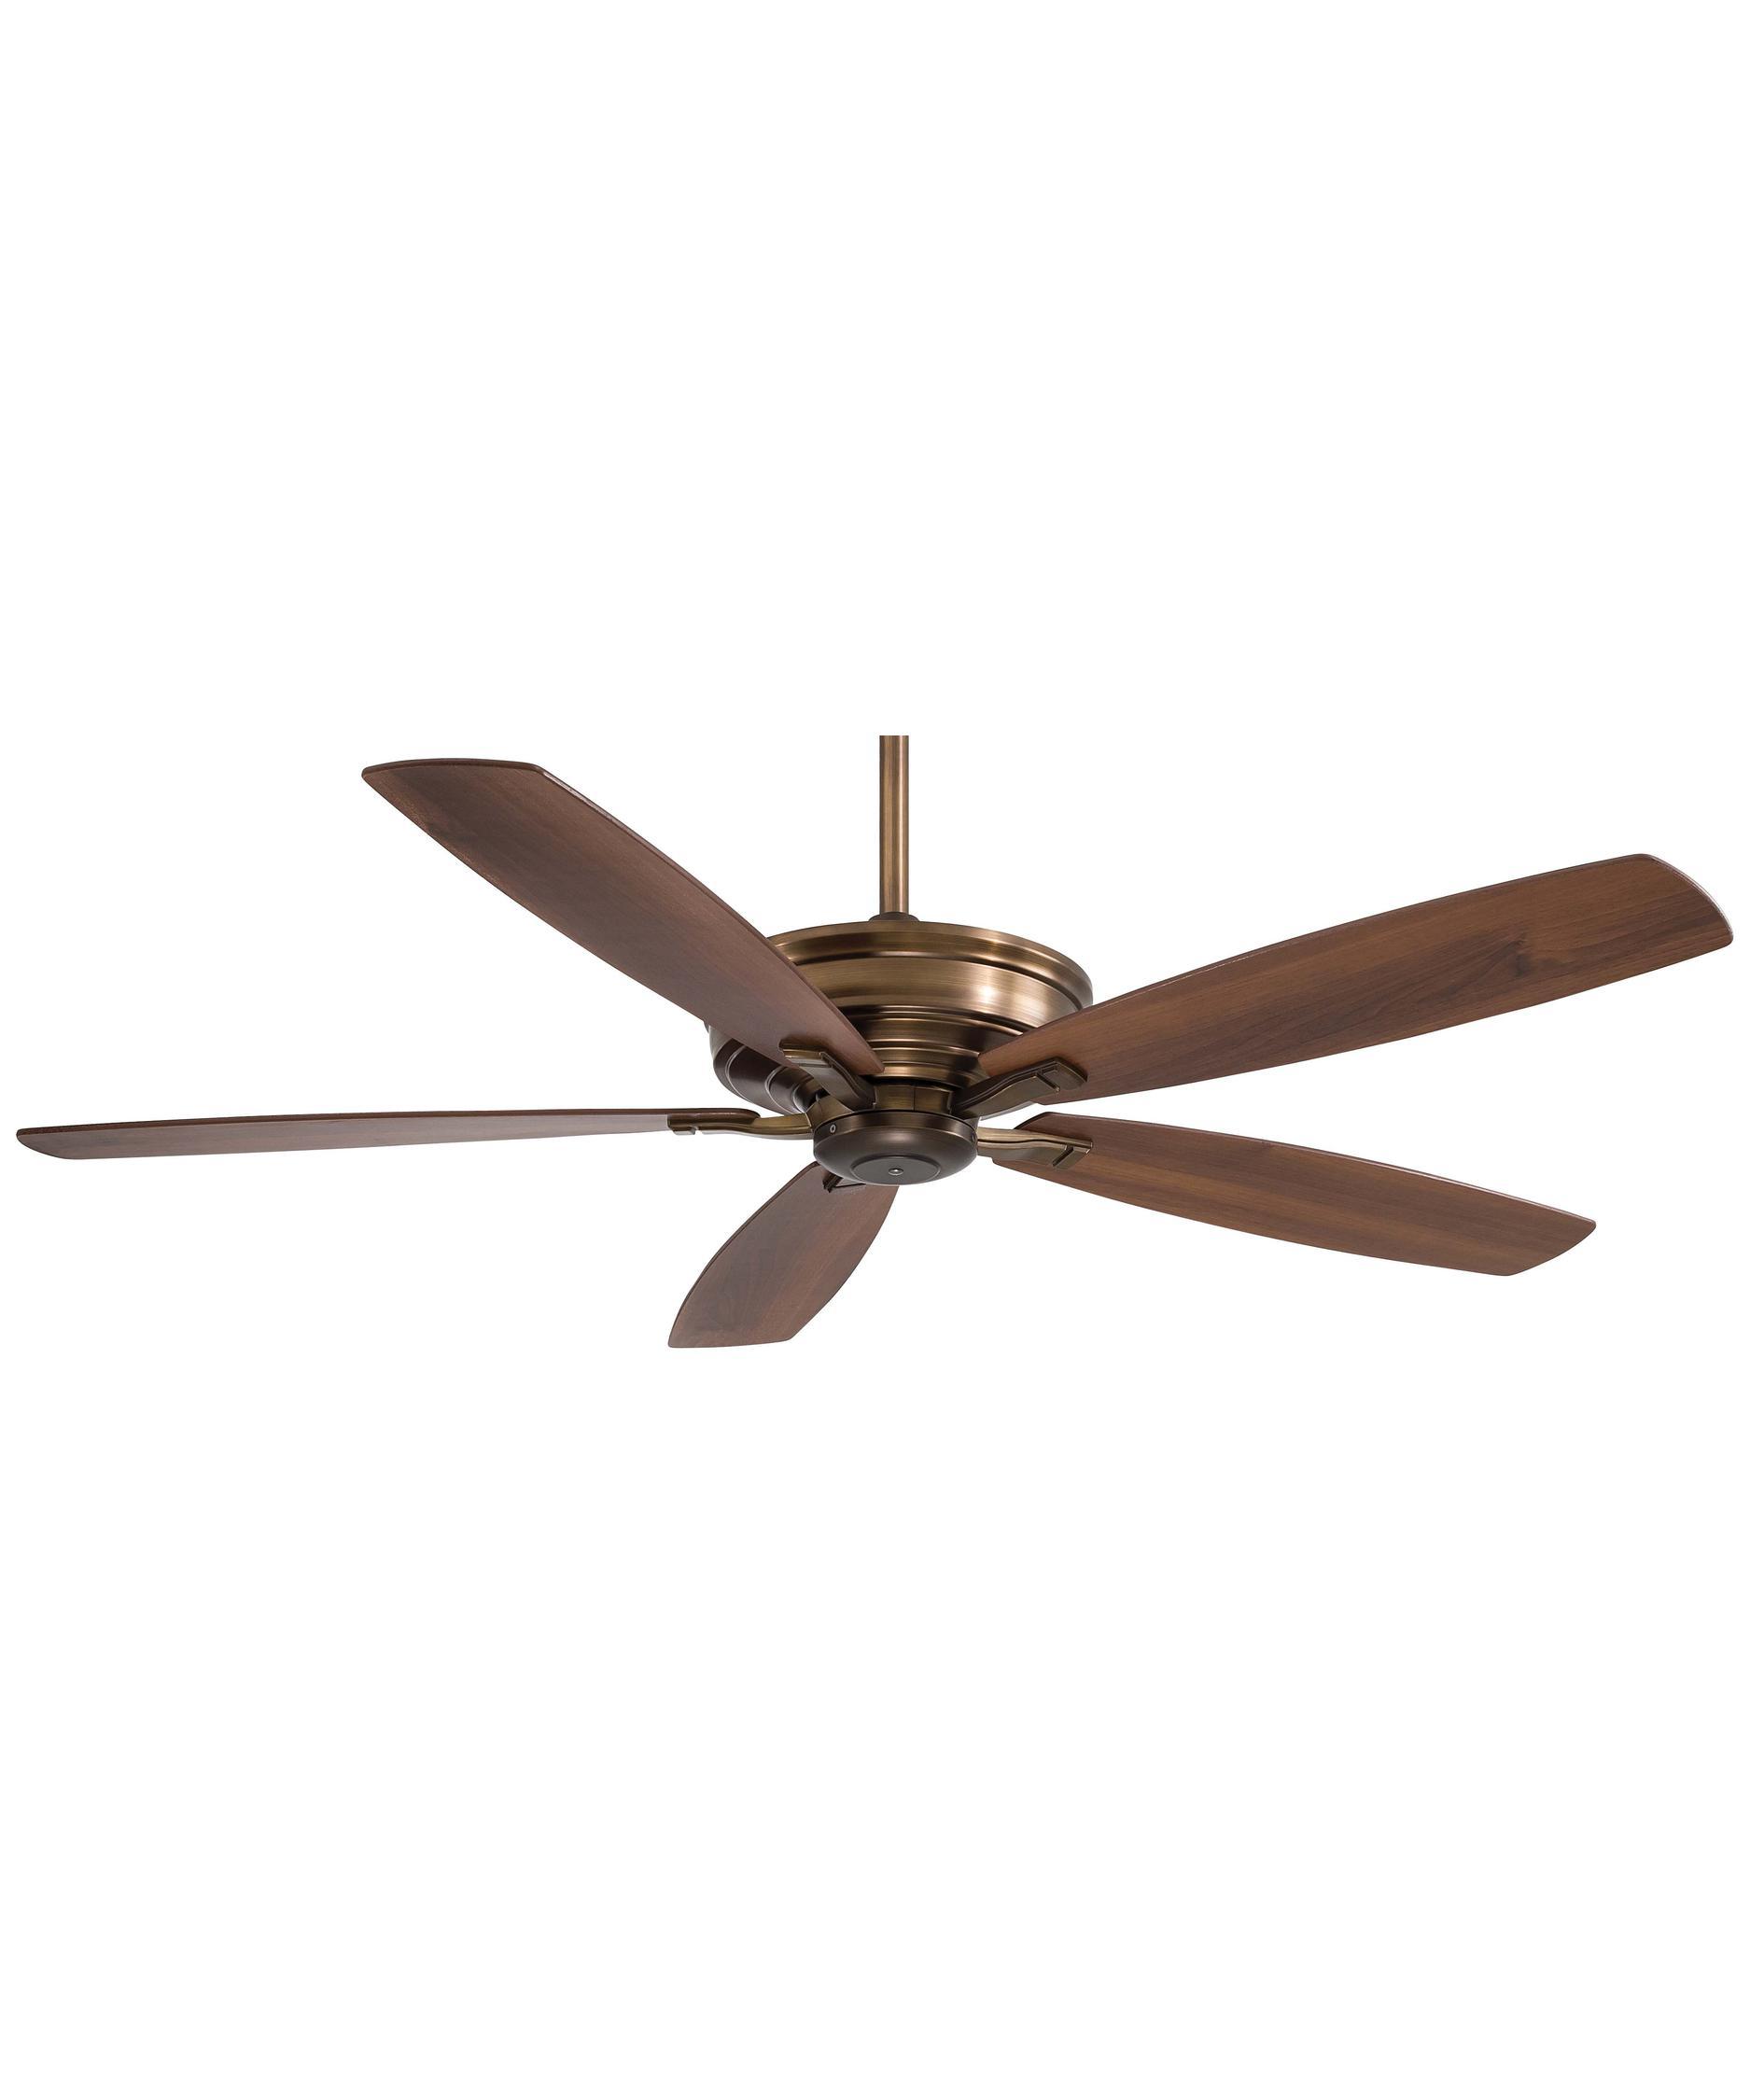 Minka aire rainman ceiling fan by minka aire image 3 for Decor 52 fan celano ma dw